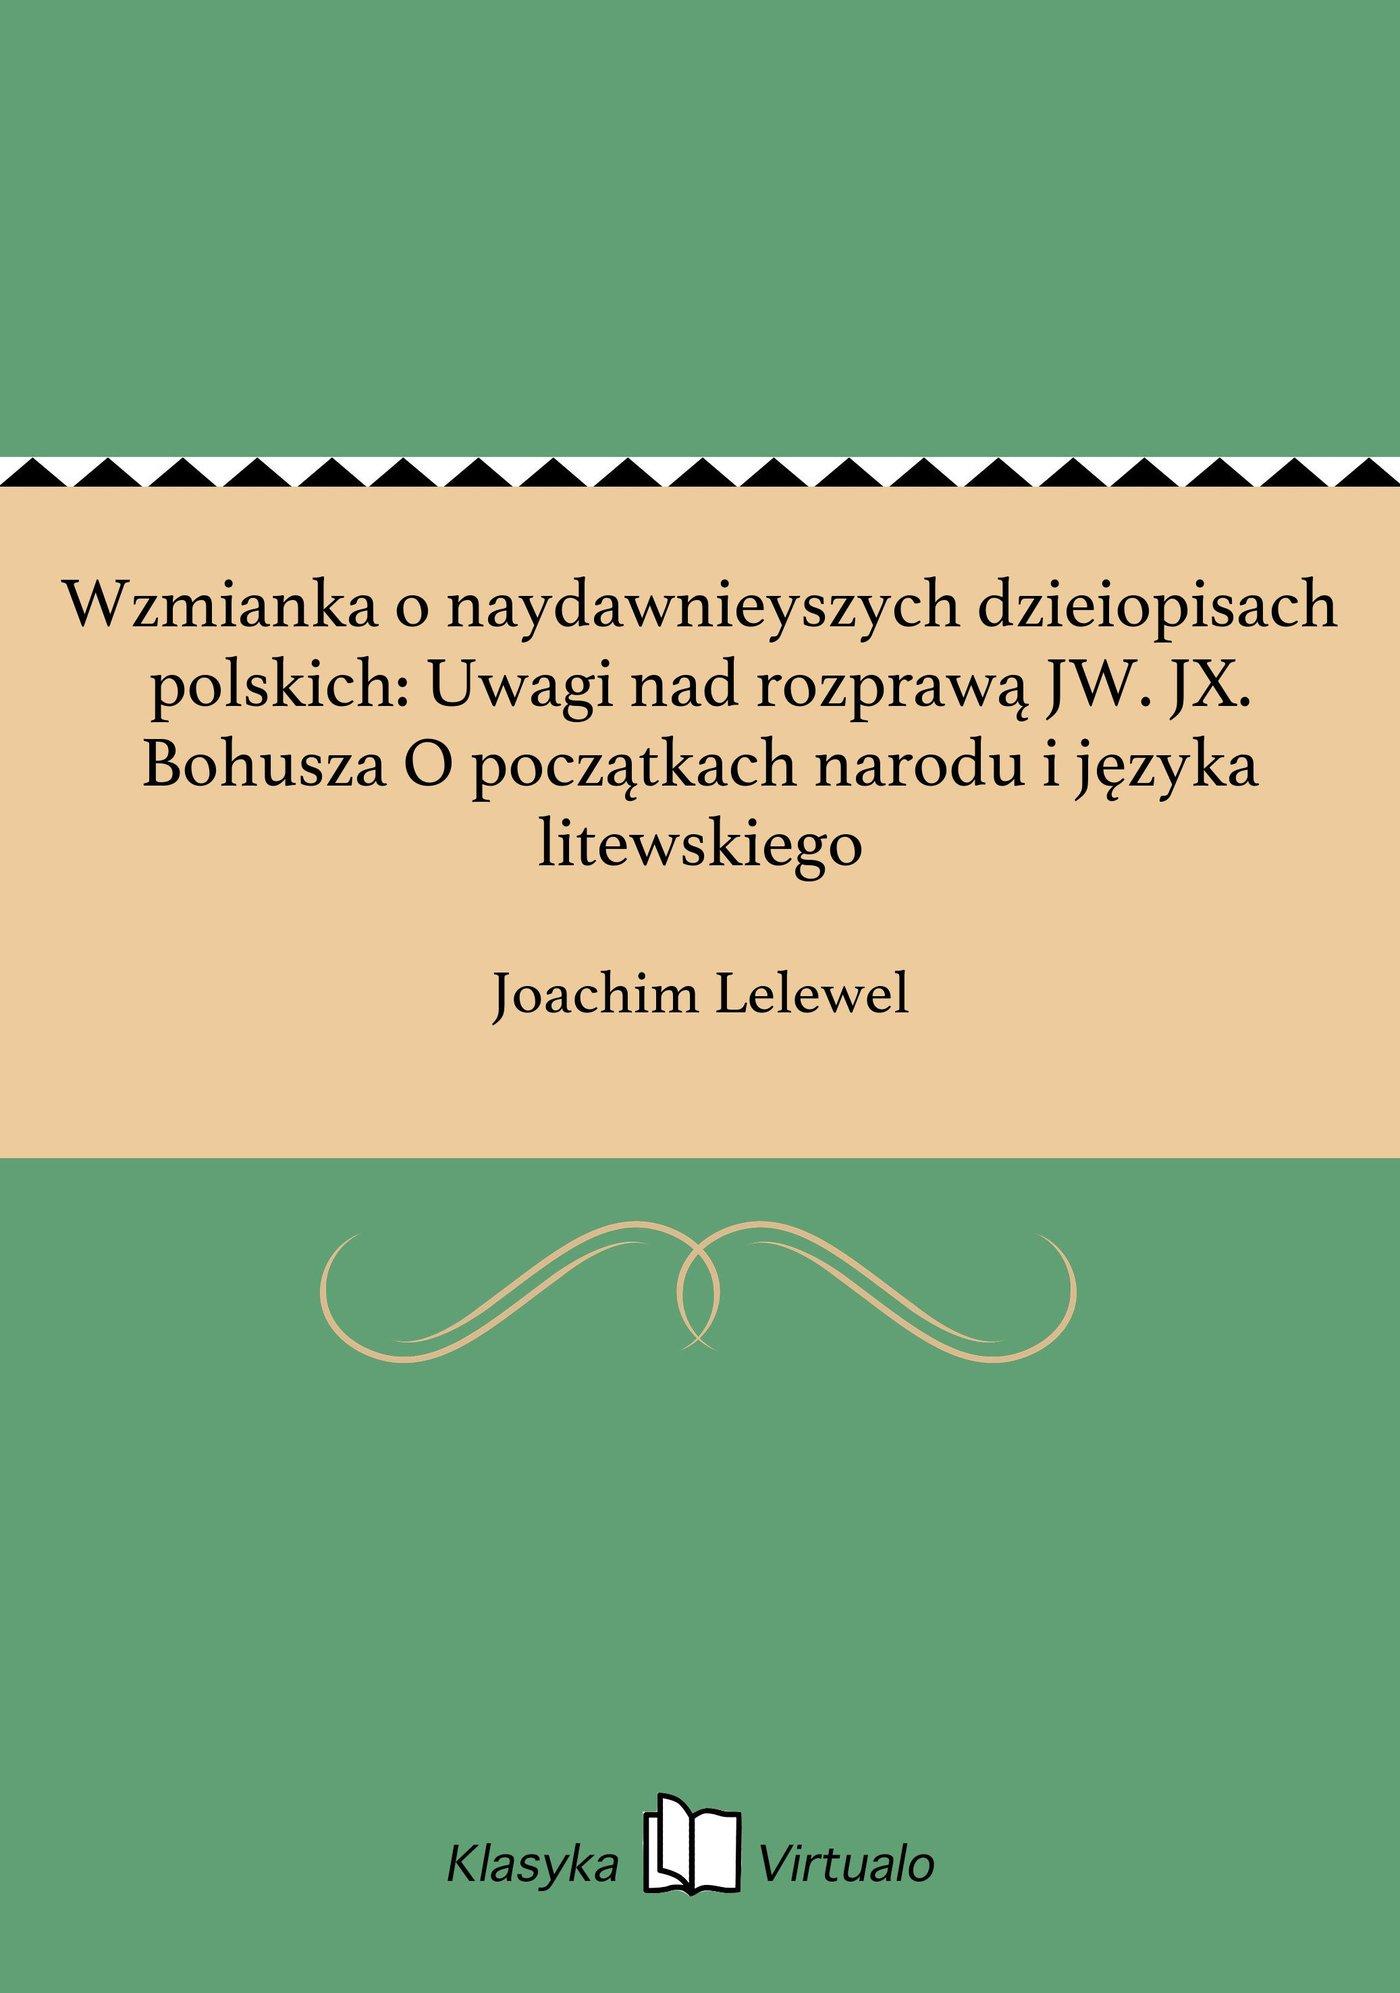 Wzmianka o naydawnieyszych dzieiopisach polskich: Uwagi nad rozprawą JW. JX. Bohusza O początkach narodu i języka litewskiego - Ebook (Książka EPUB) do pobrania w formacie EPUB